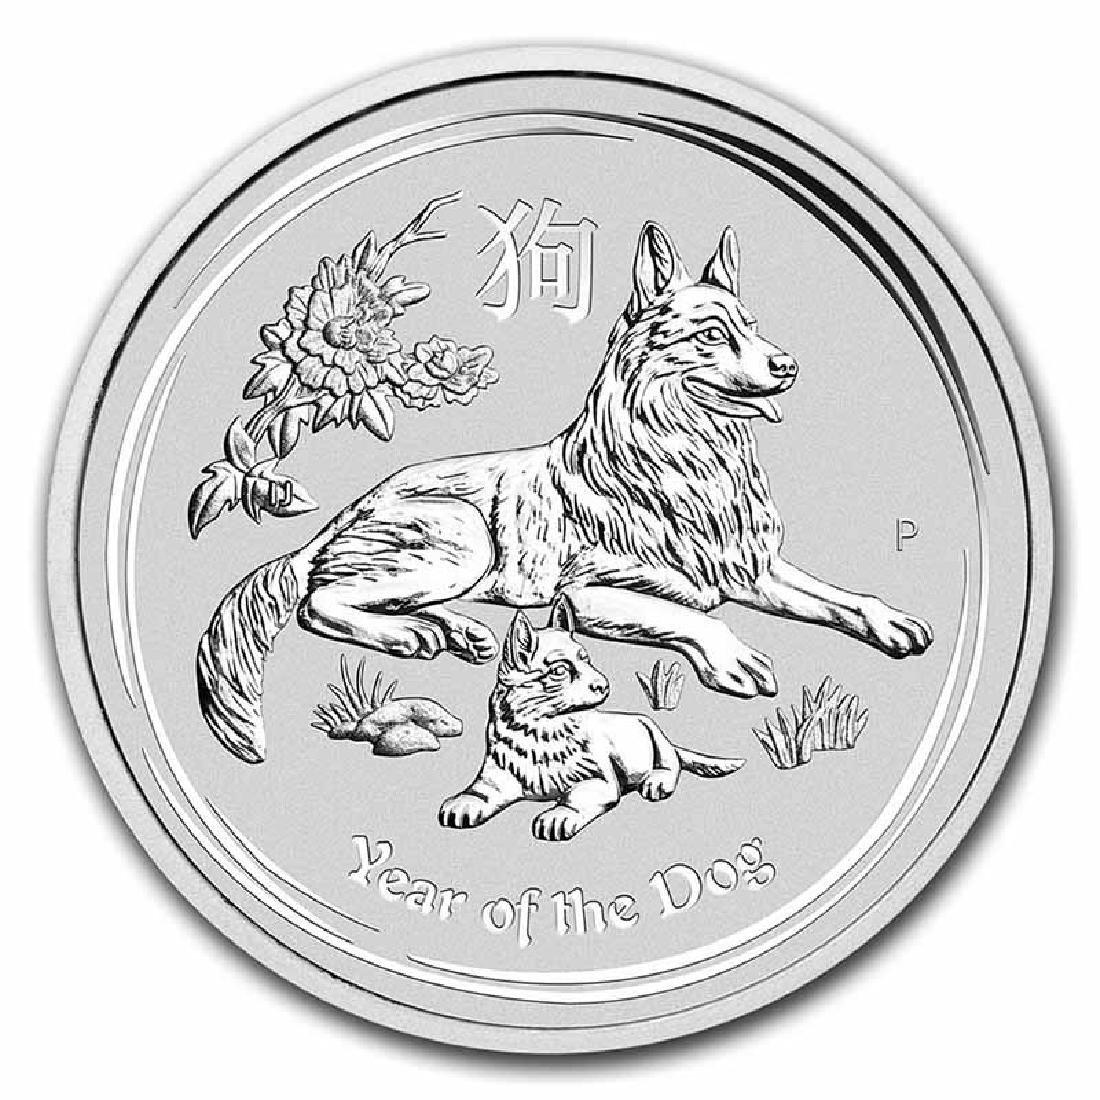 2018 Australia 5 oz Silver Lunar Dog